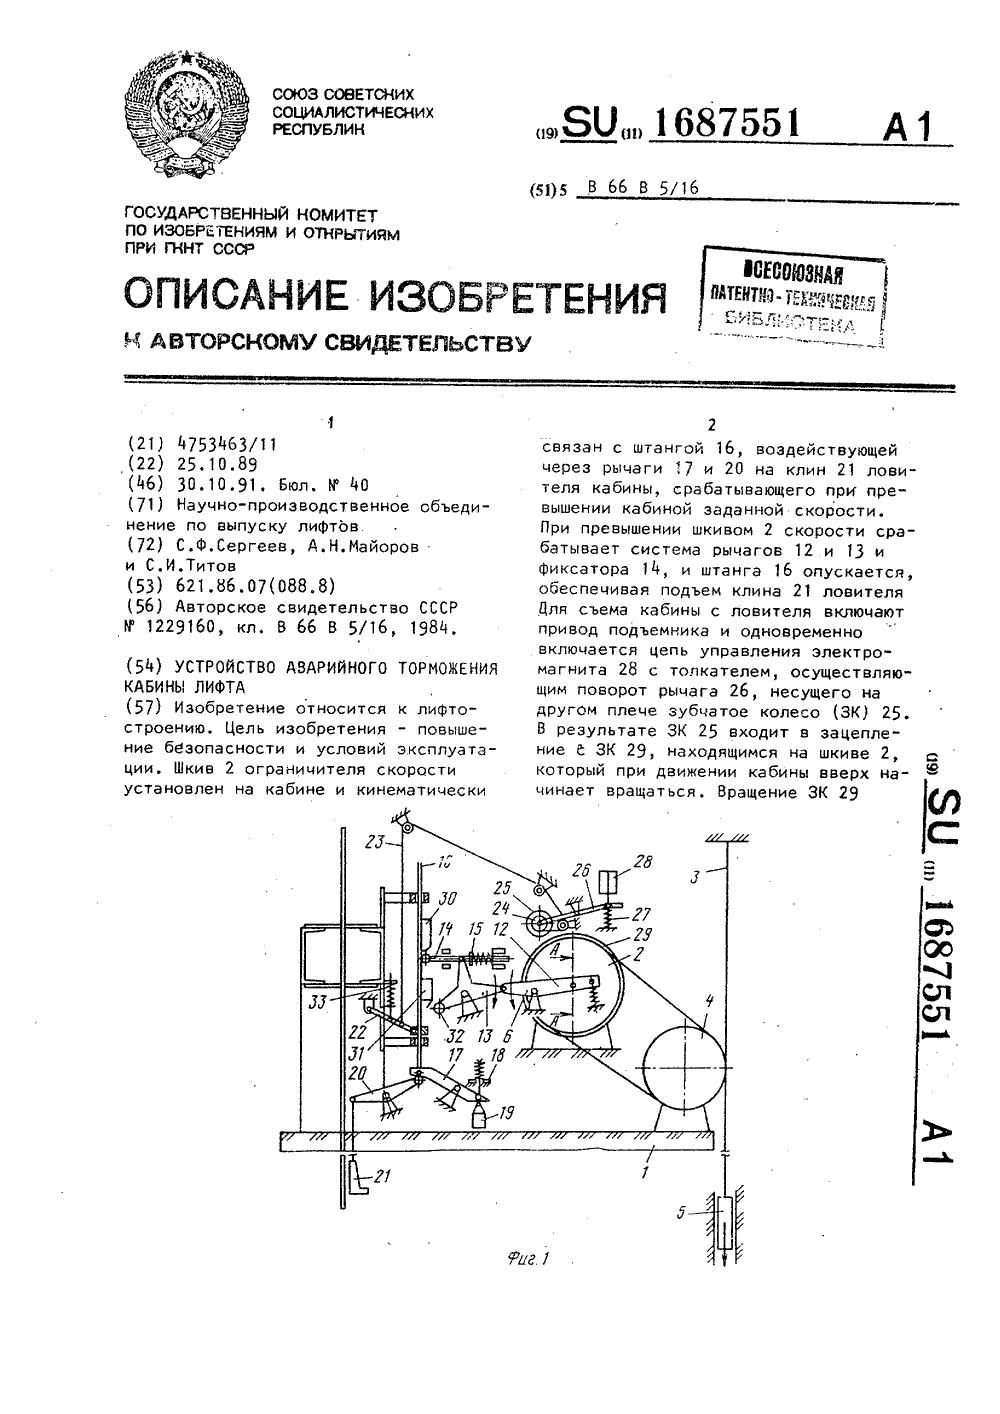 Схема эвакуации крановщика